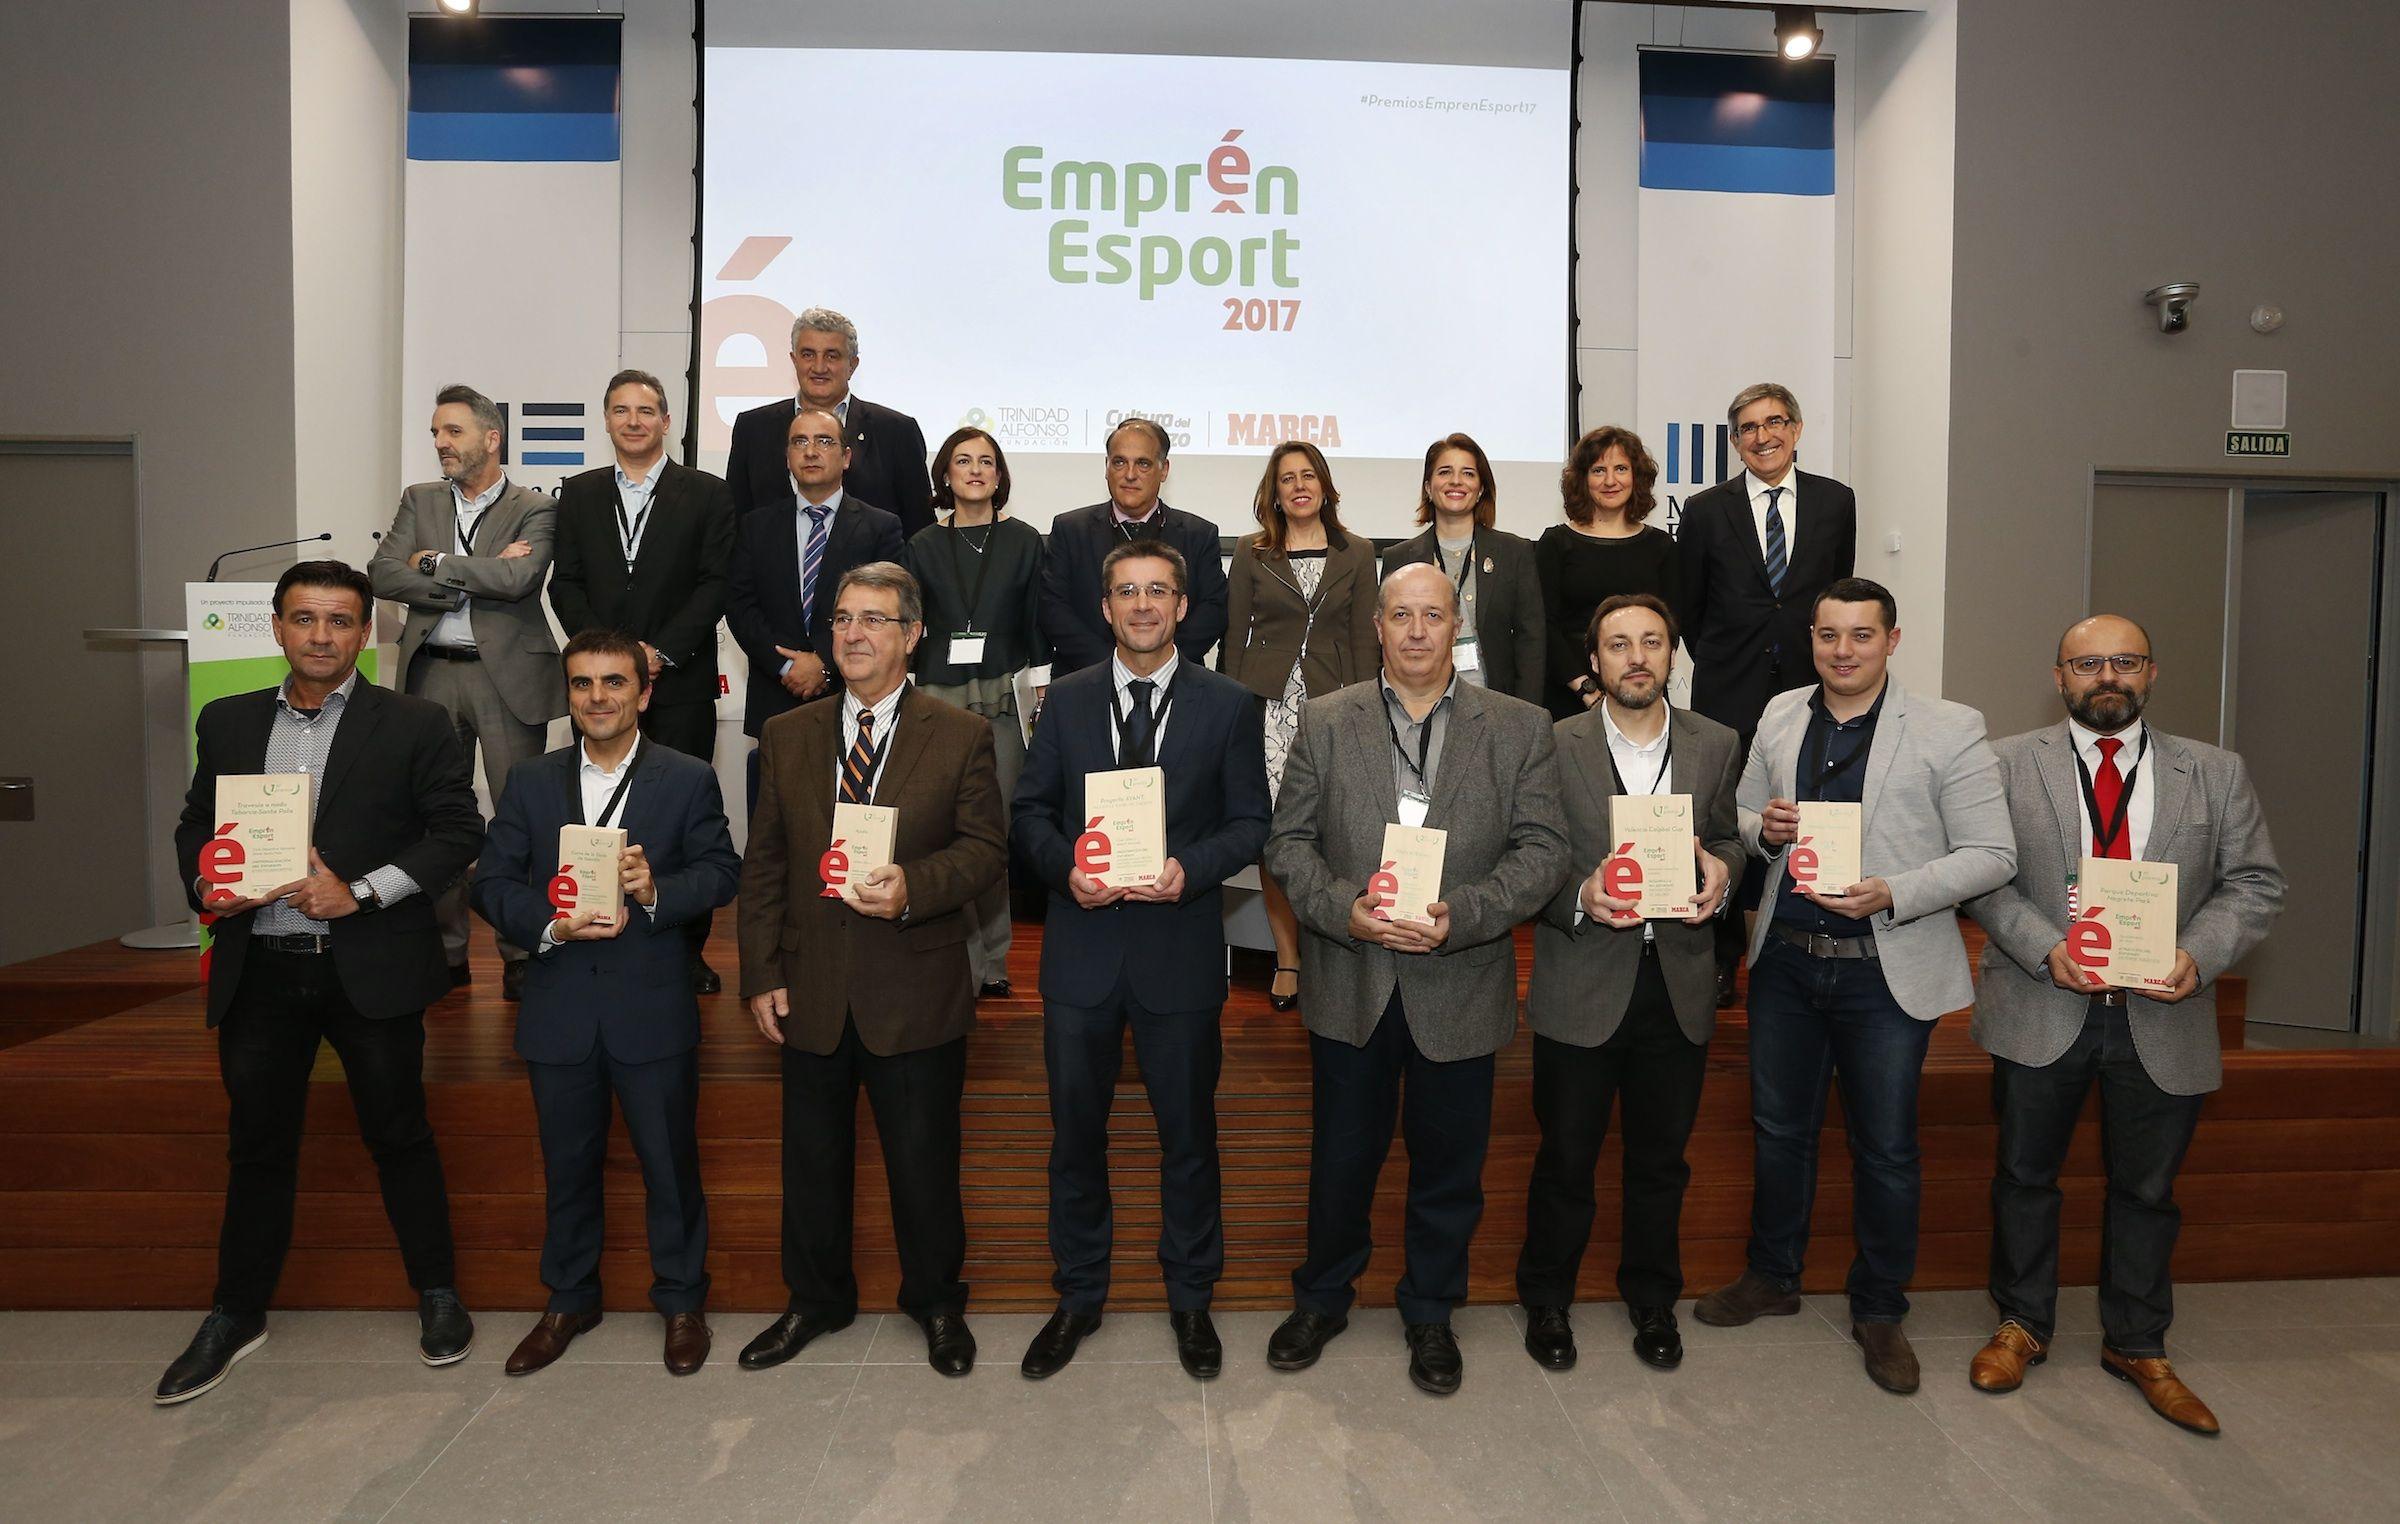 En el centro, el profesor del CEU Javier Martínez Gramage, junto a premiados y padrinos de Emprén Esport. Foto: José Antonio Sanz/ MARCA.